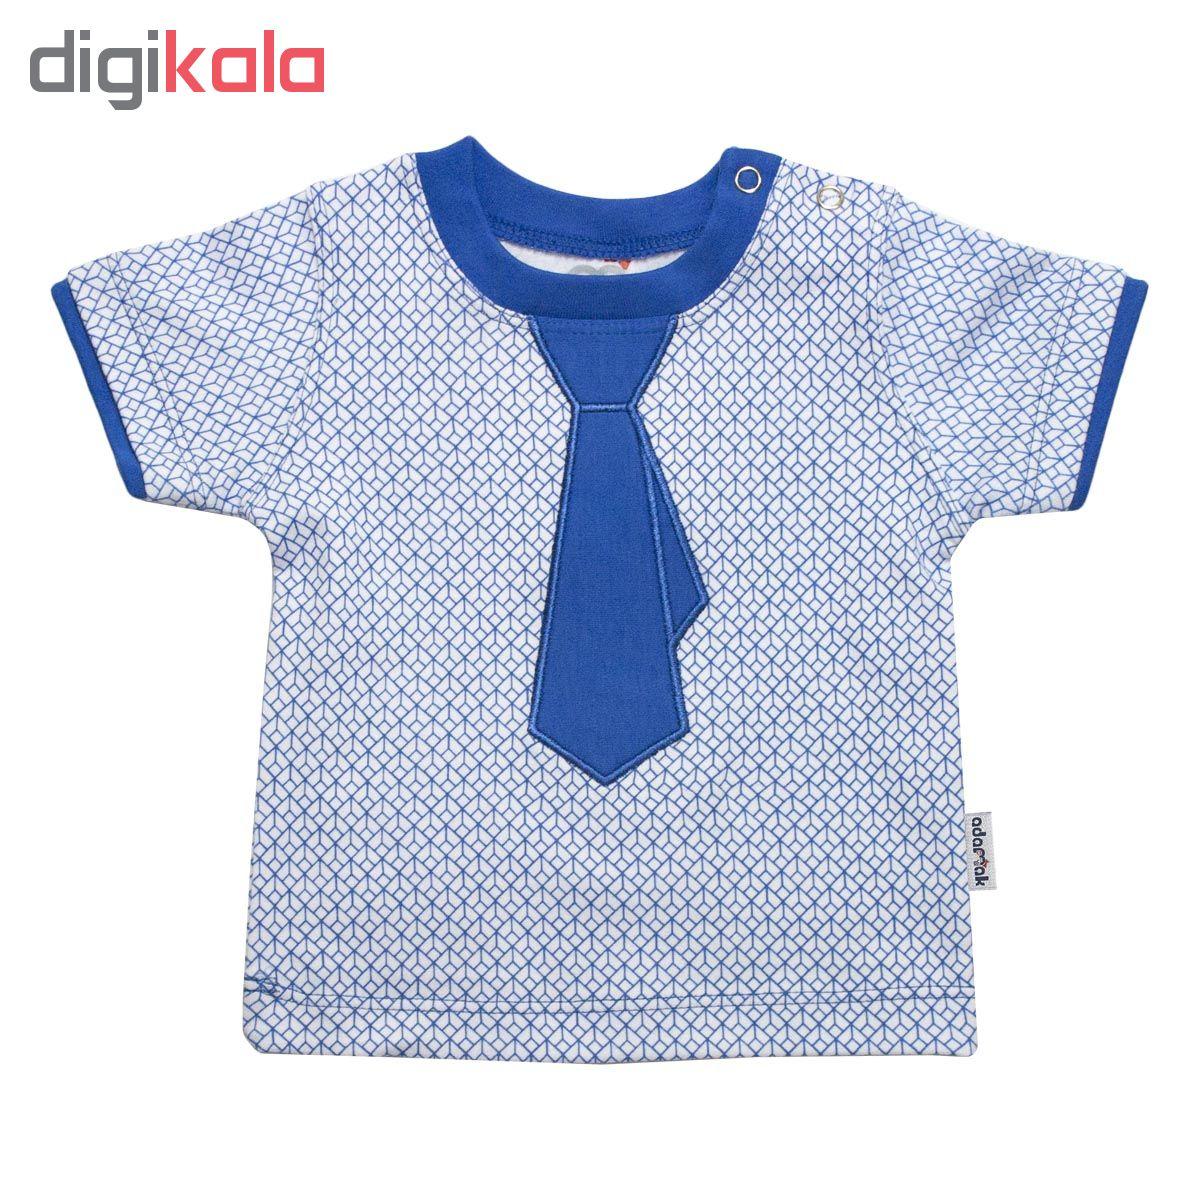 ست 3 تکه لباس نوزاد آدمک کد 26410